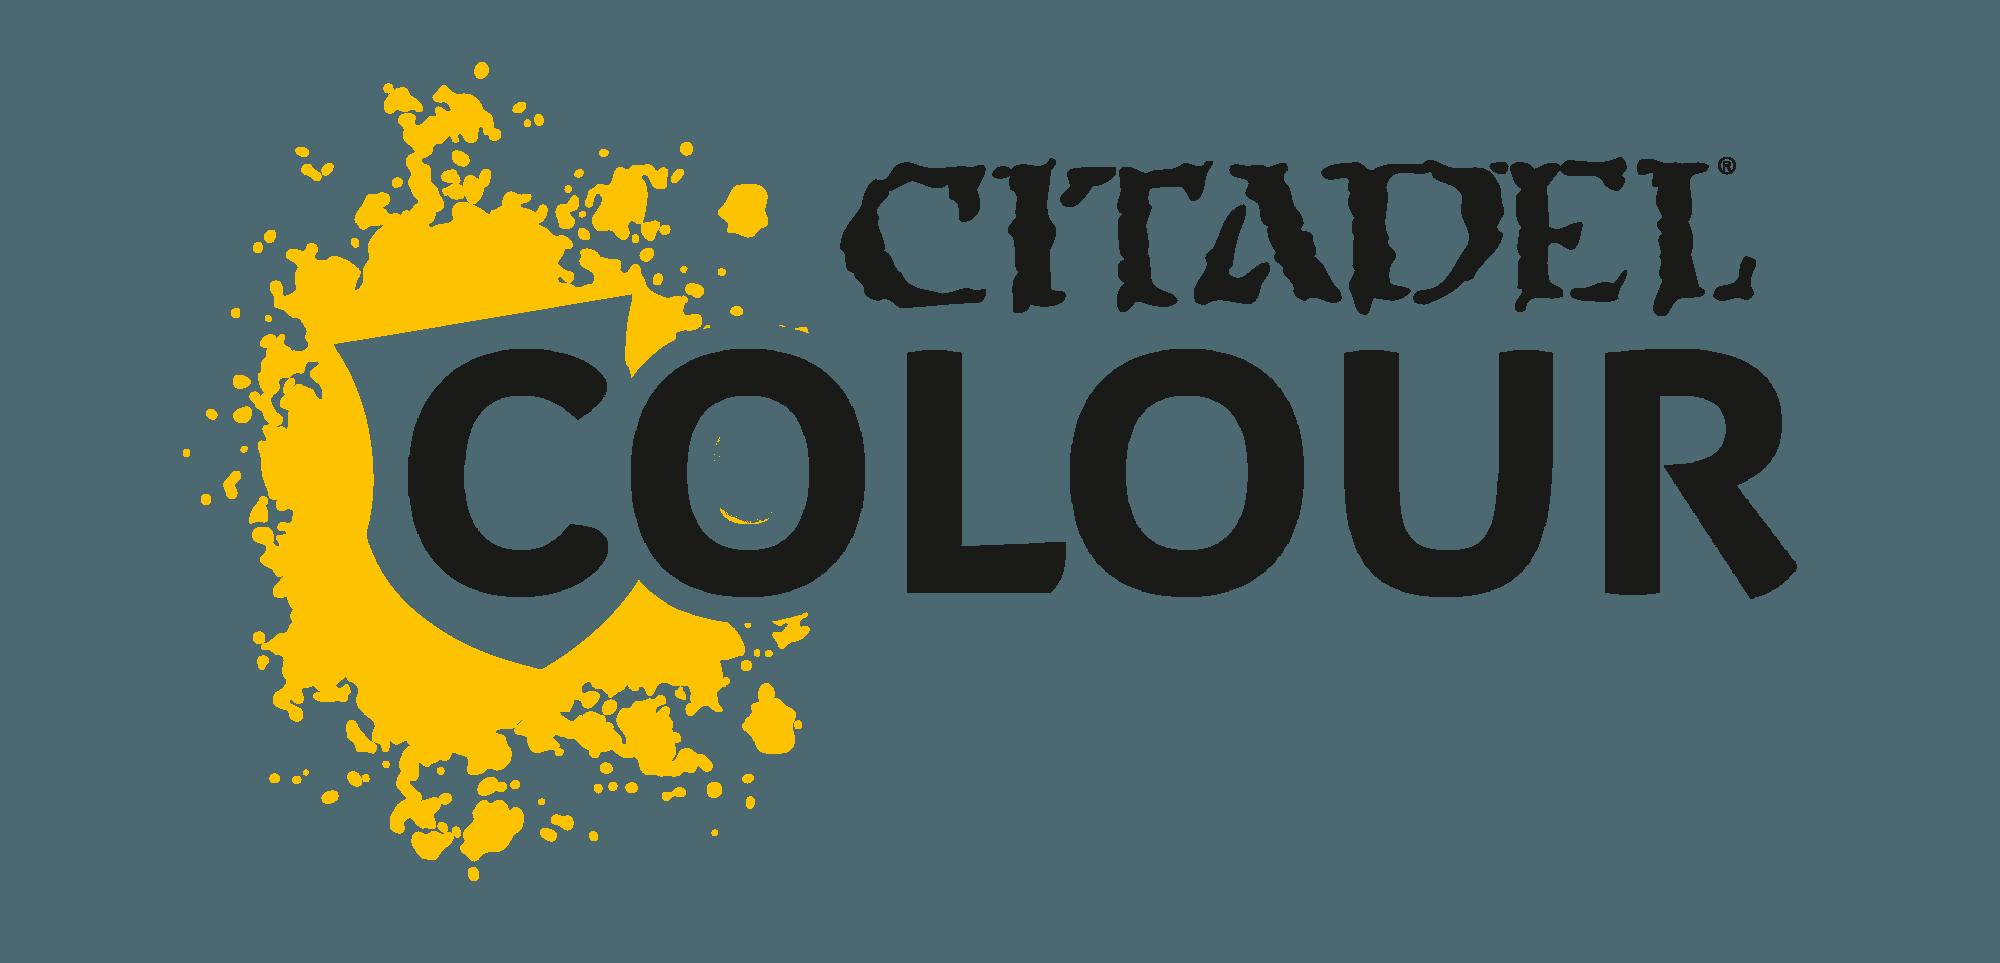 Citadel-2